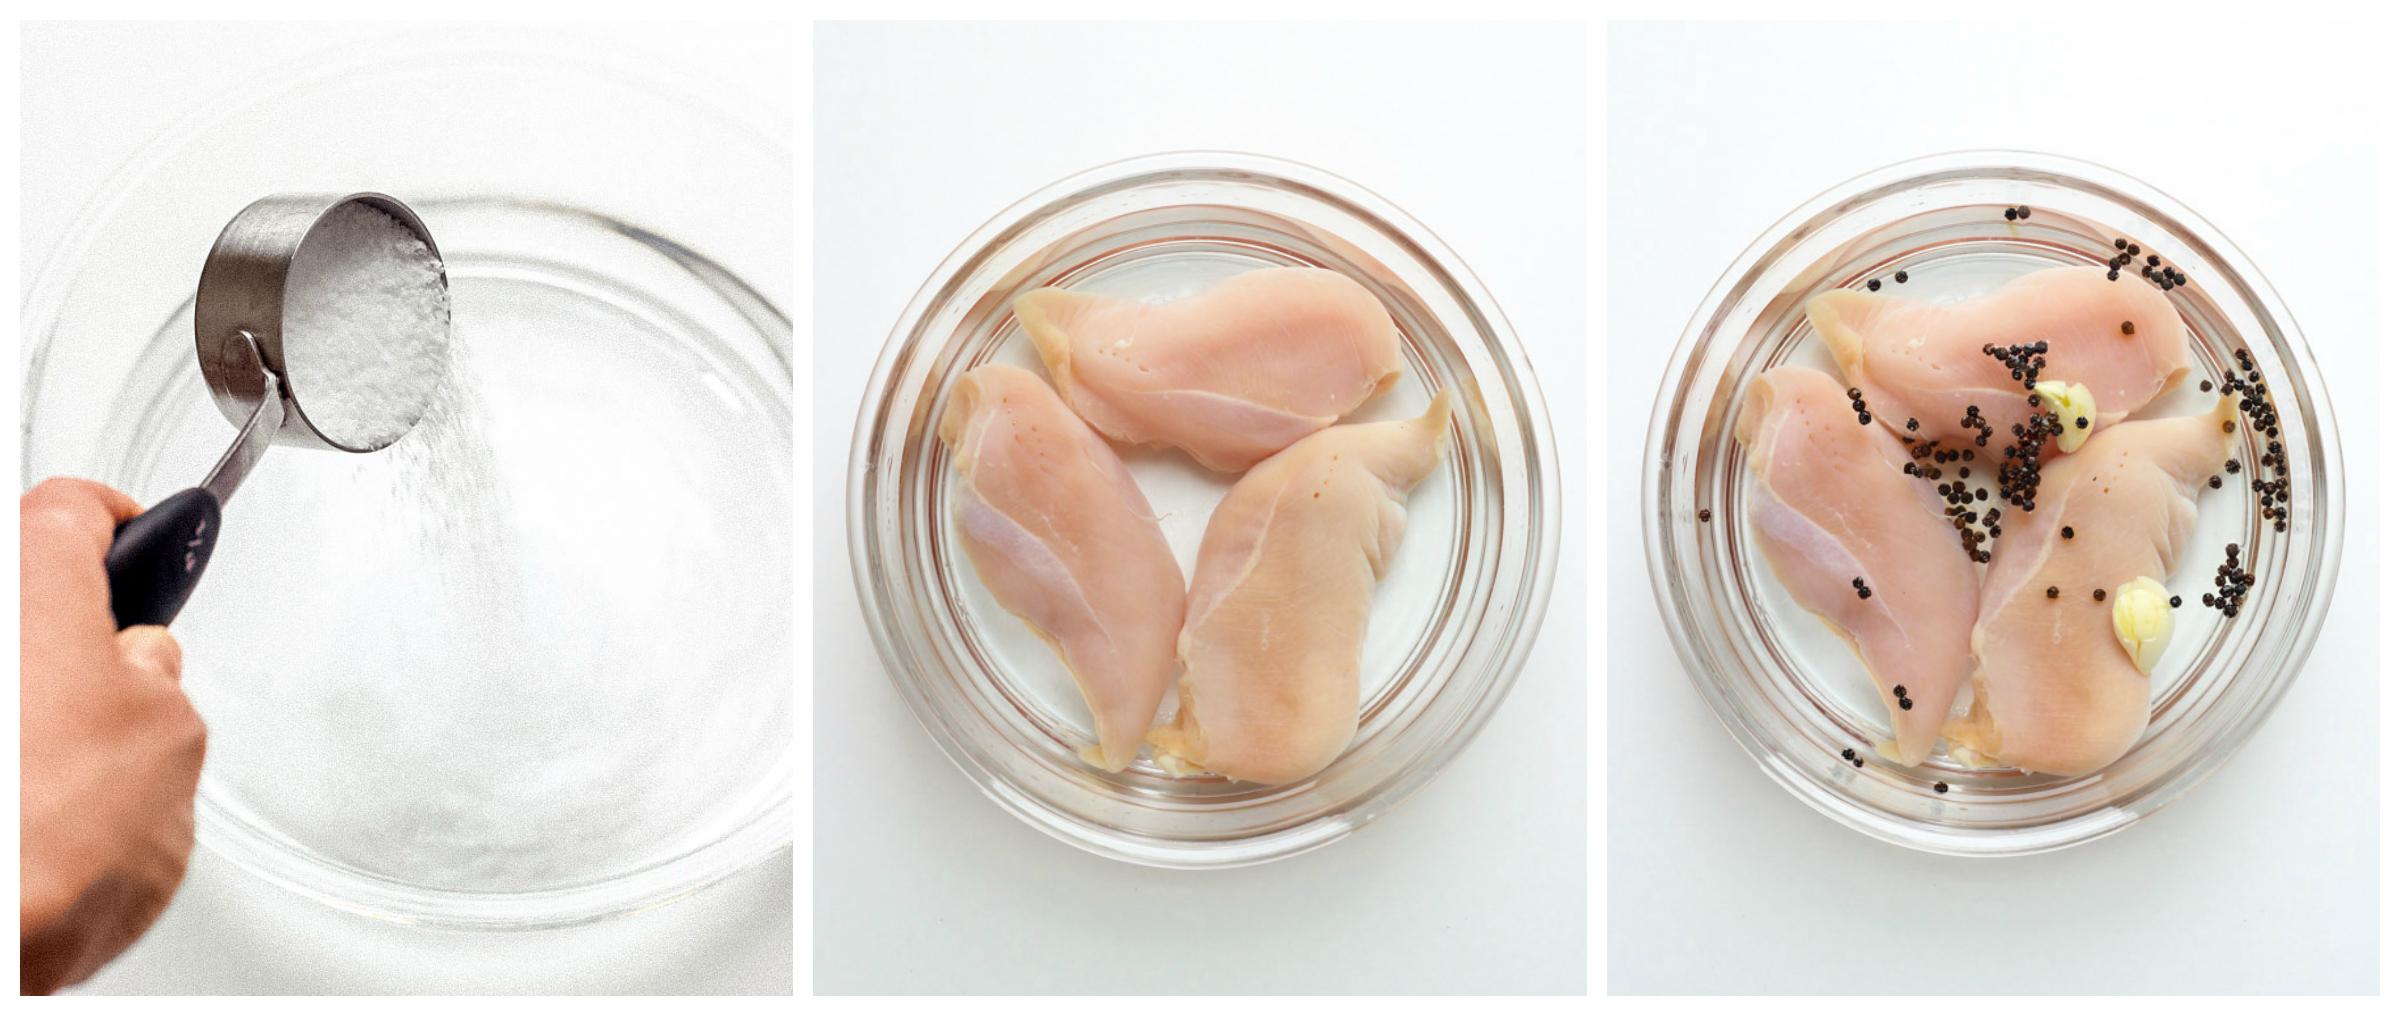 chicken breast in brine